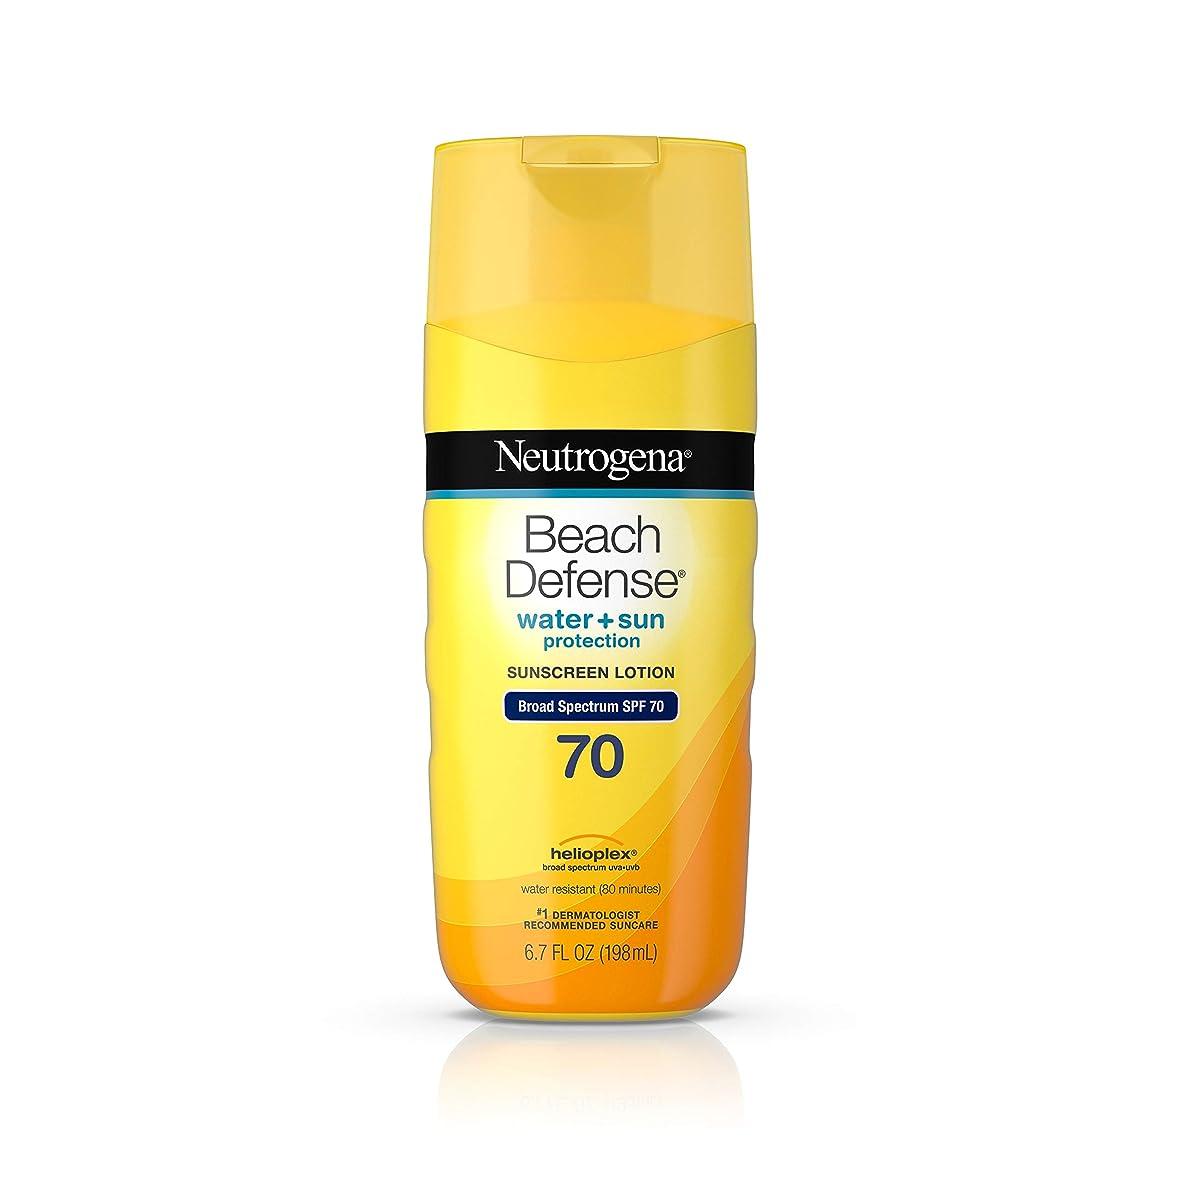 ラッシュ手数料祝福する海外直送品Neutrogena Neutrogena Beach Defense Lotion SPF 70, 6.7 oz